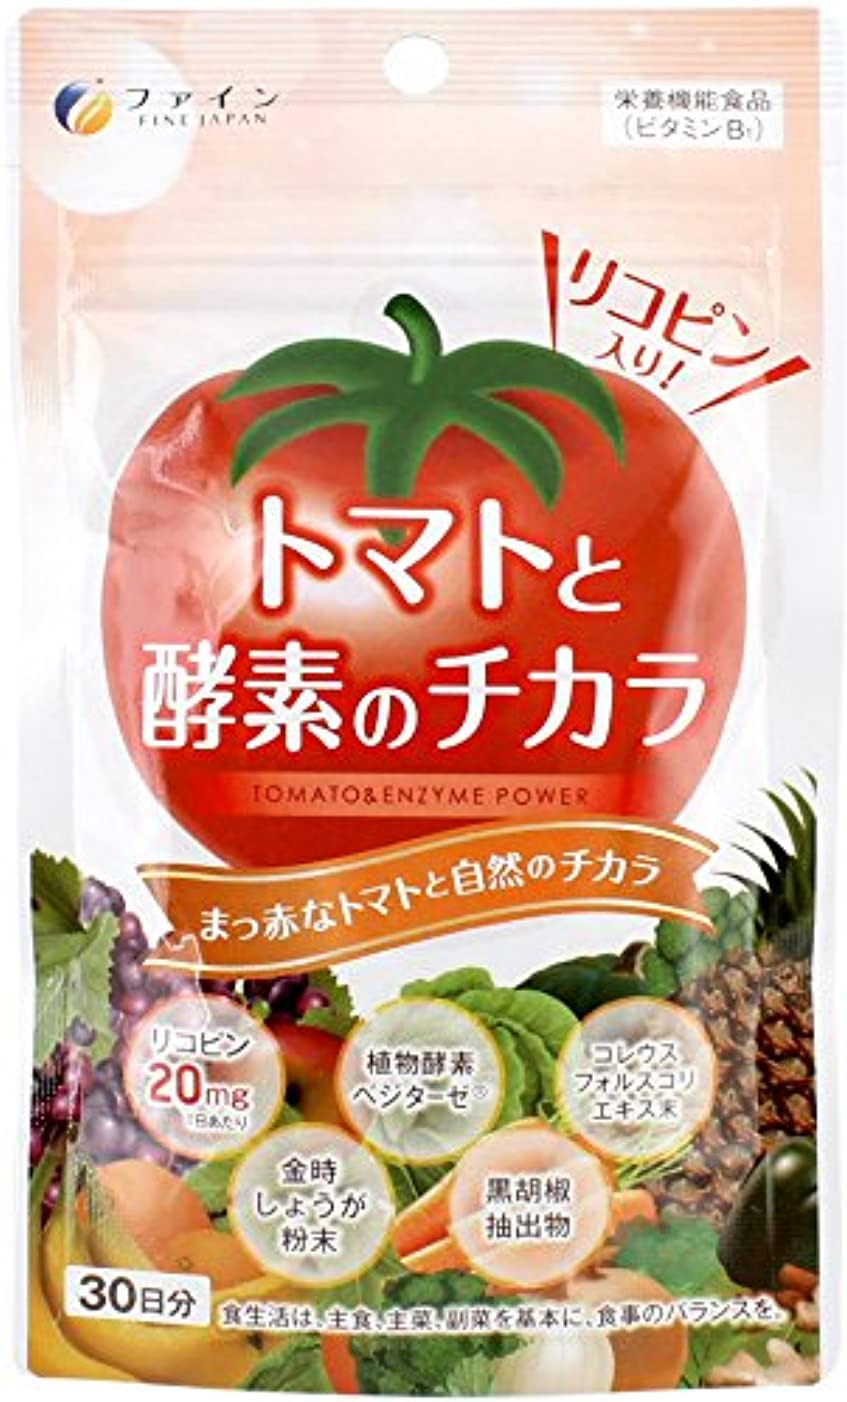 チャールズキージング一口滑りやすいファイン トマトと酵素のチカラ 30日分(1日3粒/90粒入) リコピン コレウスフォルスコリエキス末 金時しょうが粉末 黒胡椒抽出物 配合